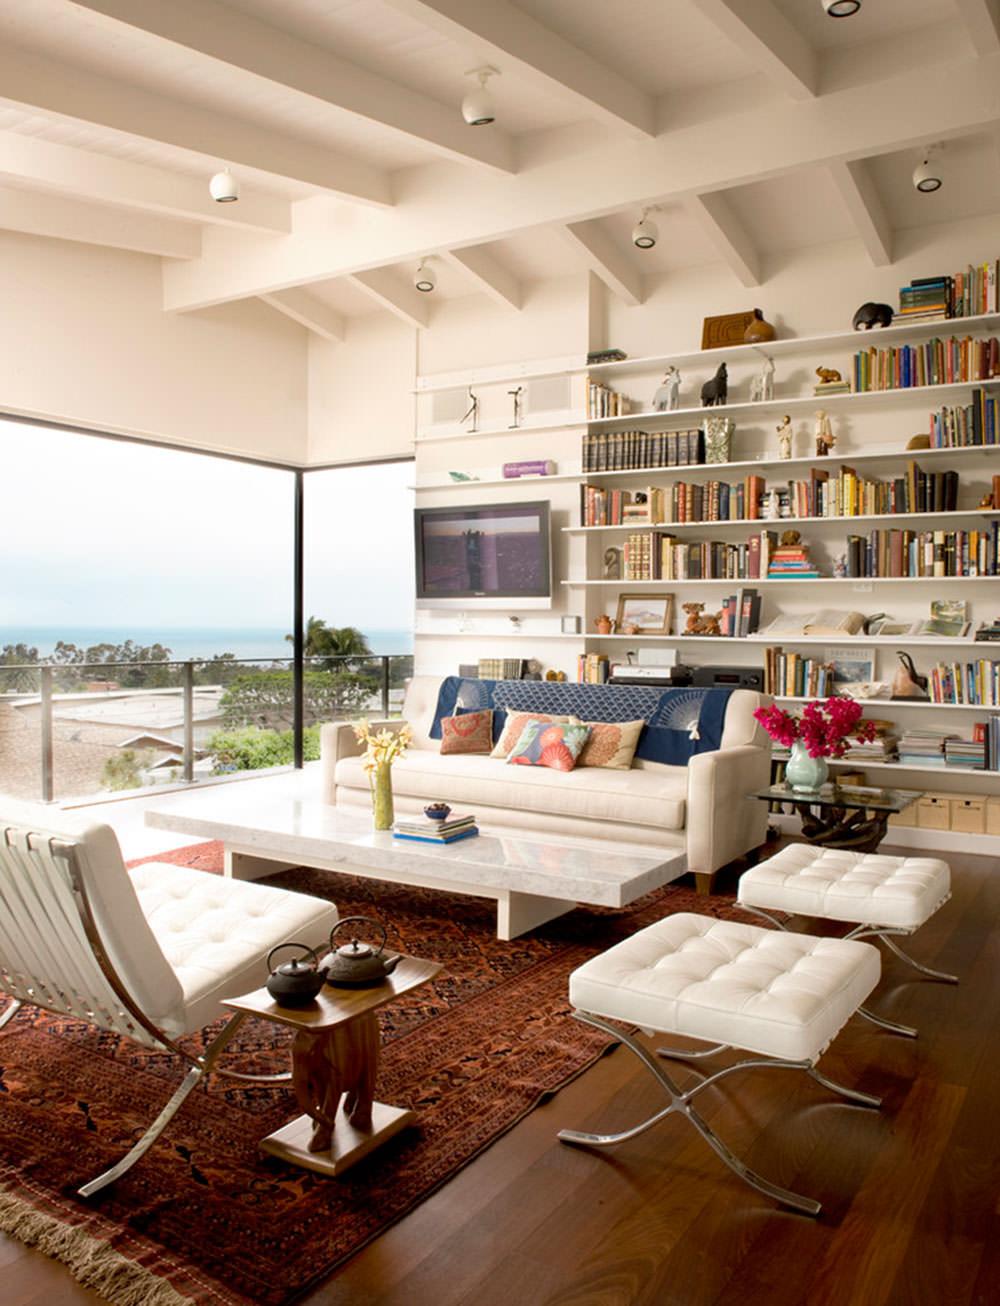 Soffitto Travi A Vista Bianco soffitti decorati • 40 idee per rendere unico il soffitto di